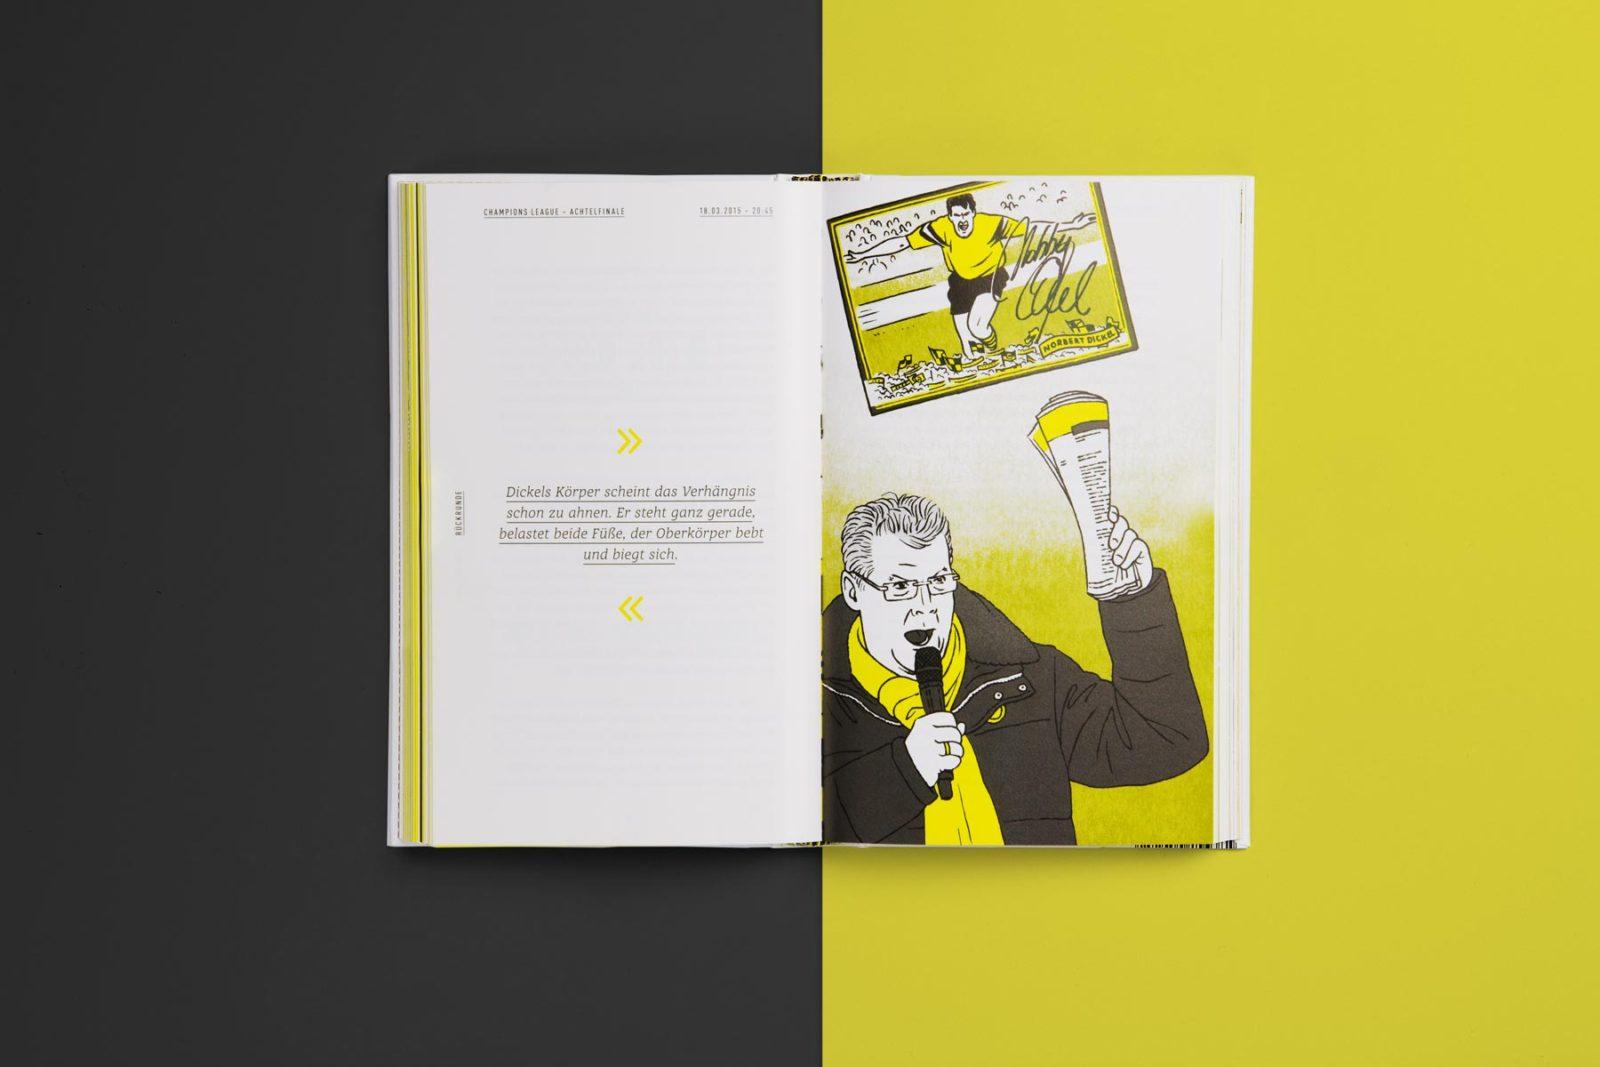 Editienne Grafikdesign - Kommunikationsdesign Berlin- Buchcoverdesign und Buchgestaltung Borussia Dortmund- BVB Buch 11